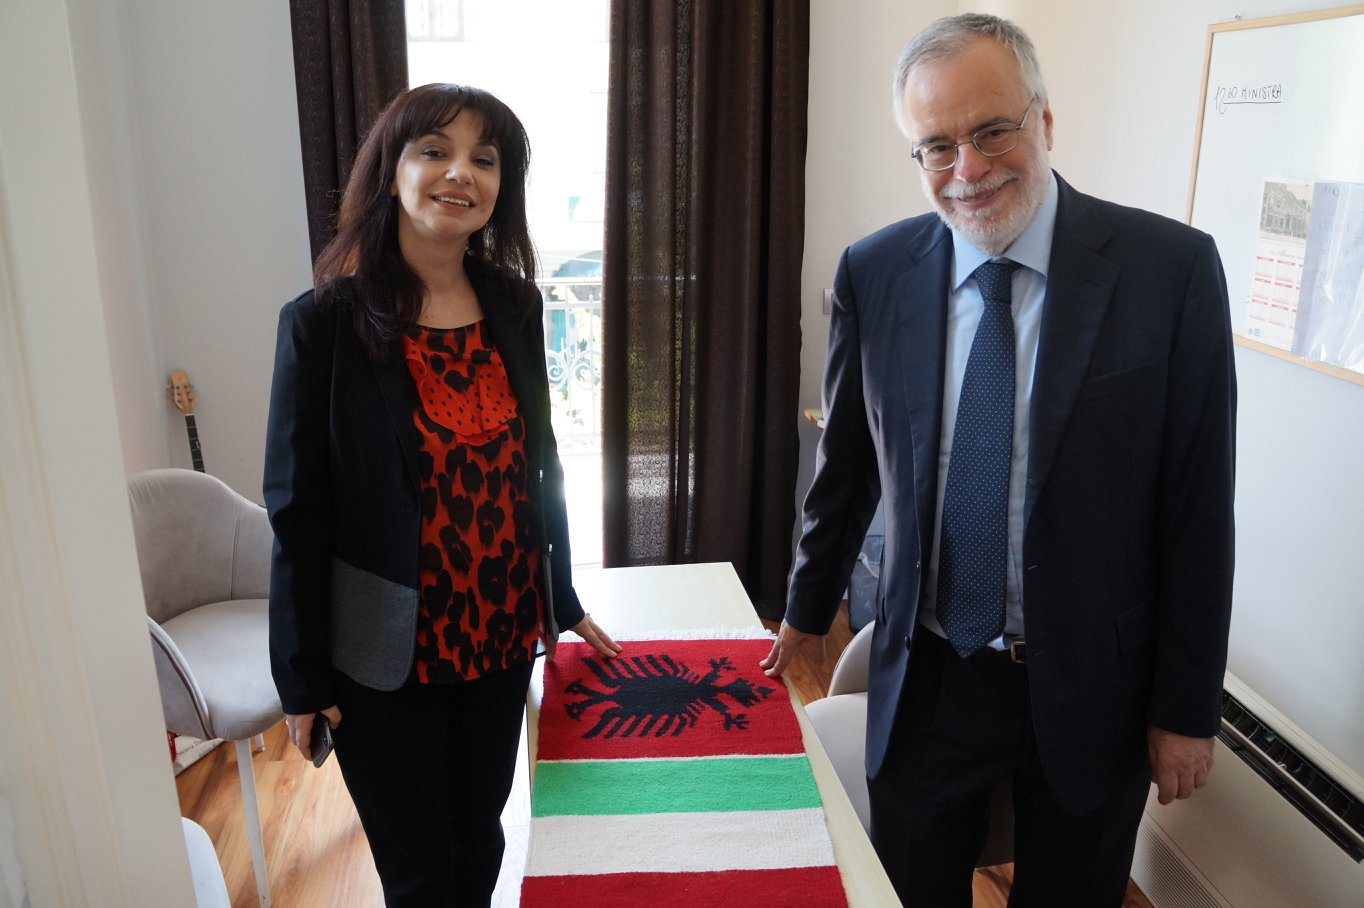 Sonila Qato, Andrea Riccardi